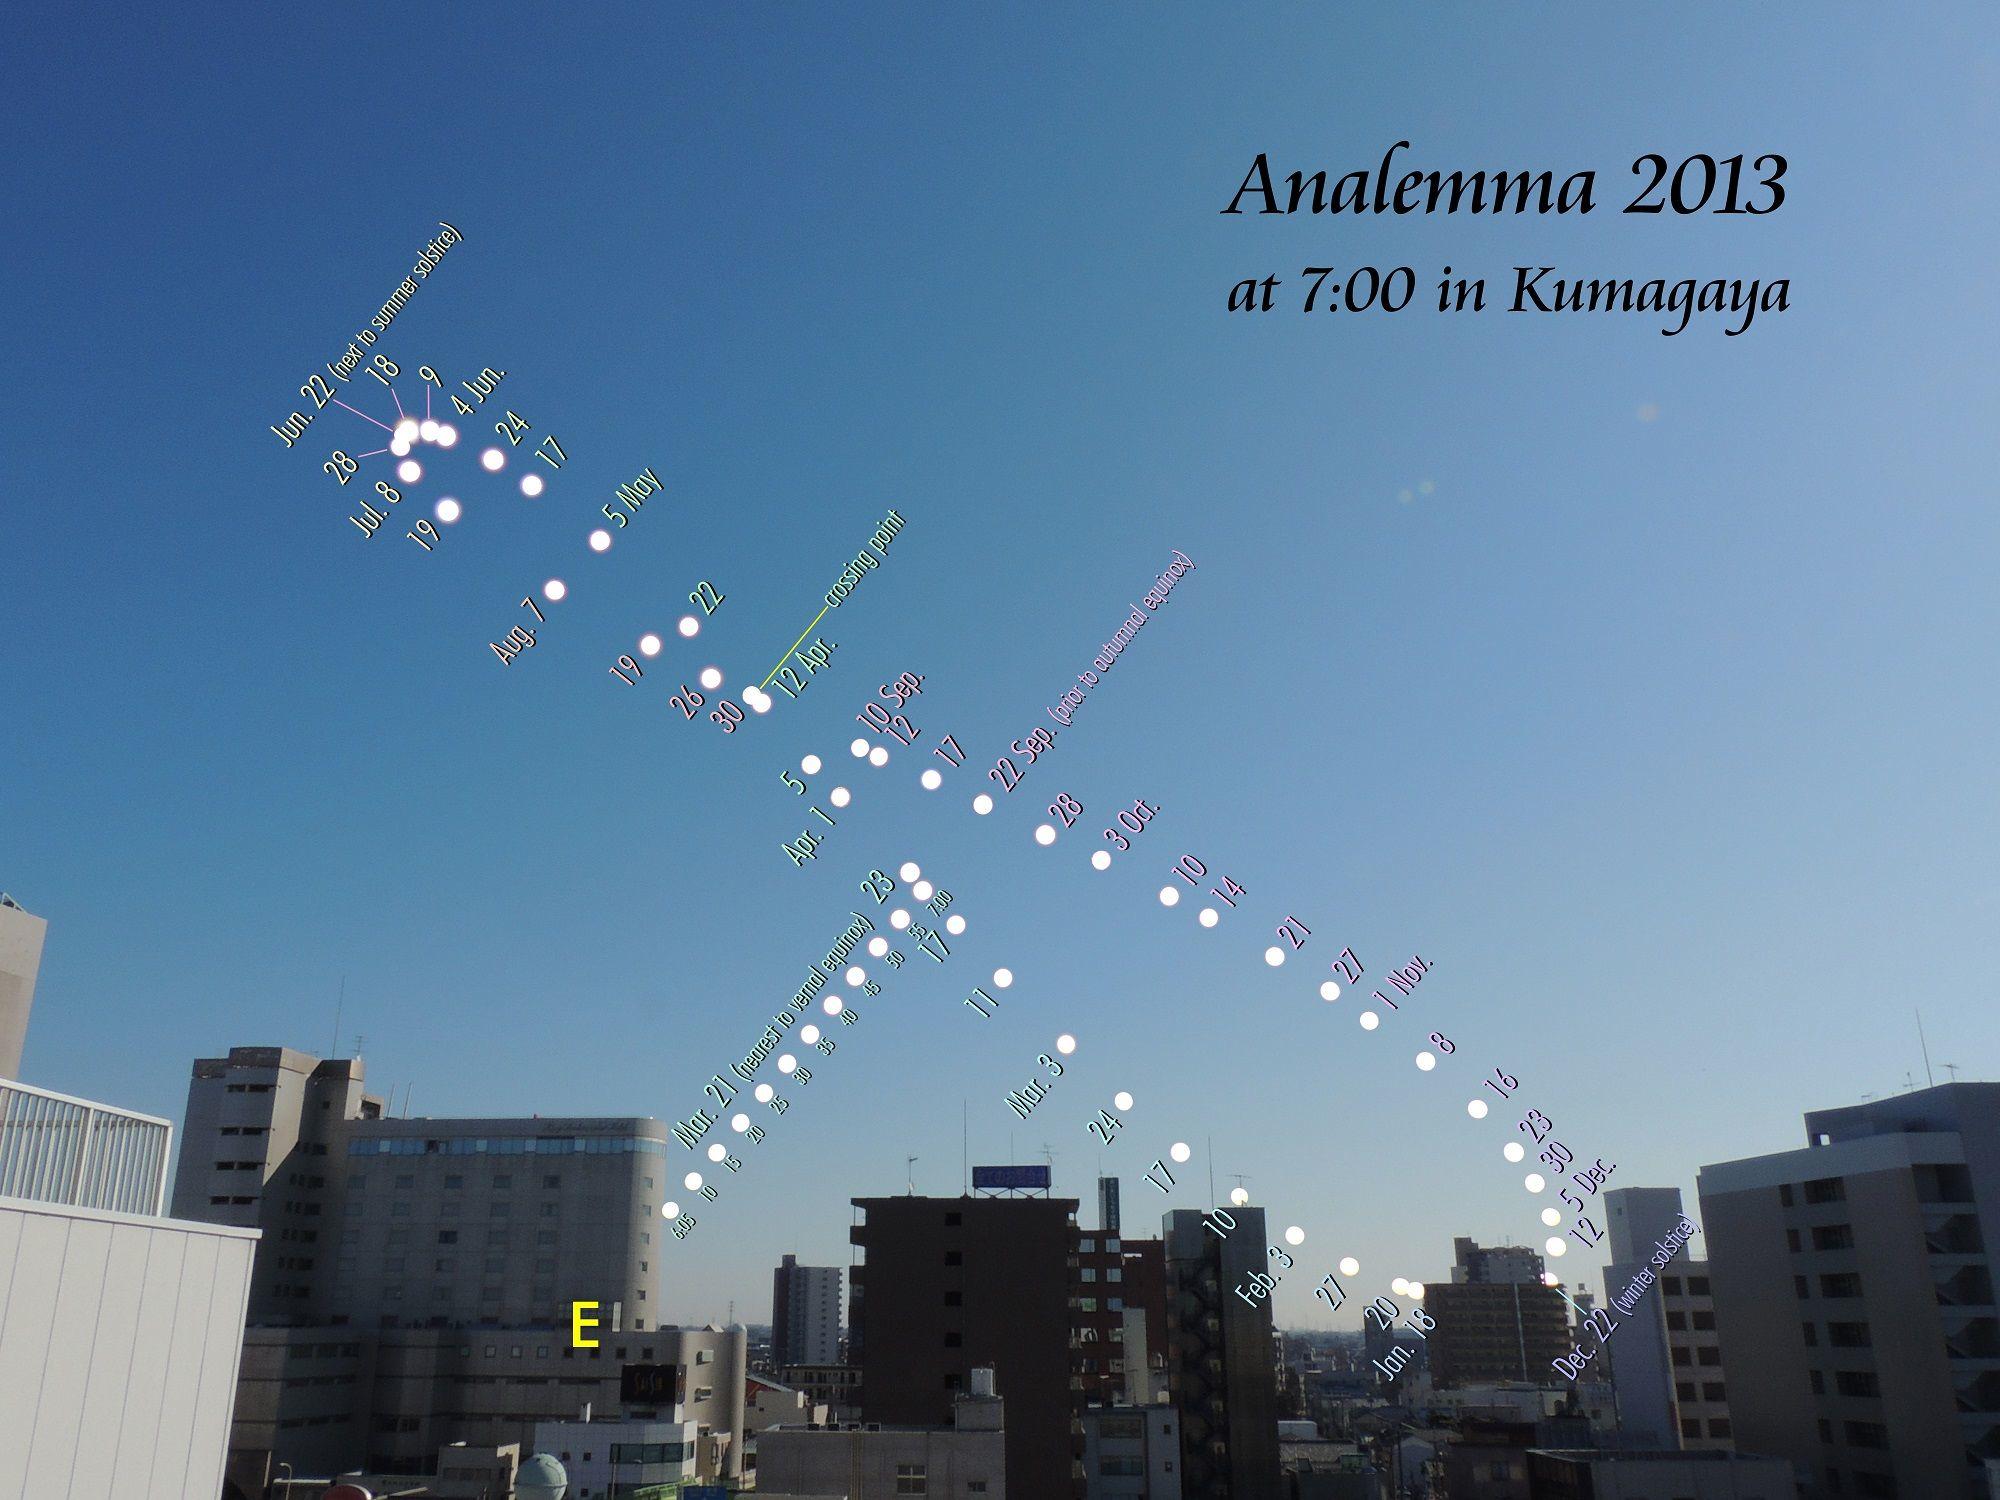 View larger. |  Analemma at 7 a.m. in Kumagaya, Saitama, Japan during 2013. Photographed by Masayuki Shiraishi. Used with permission and thanks.